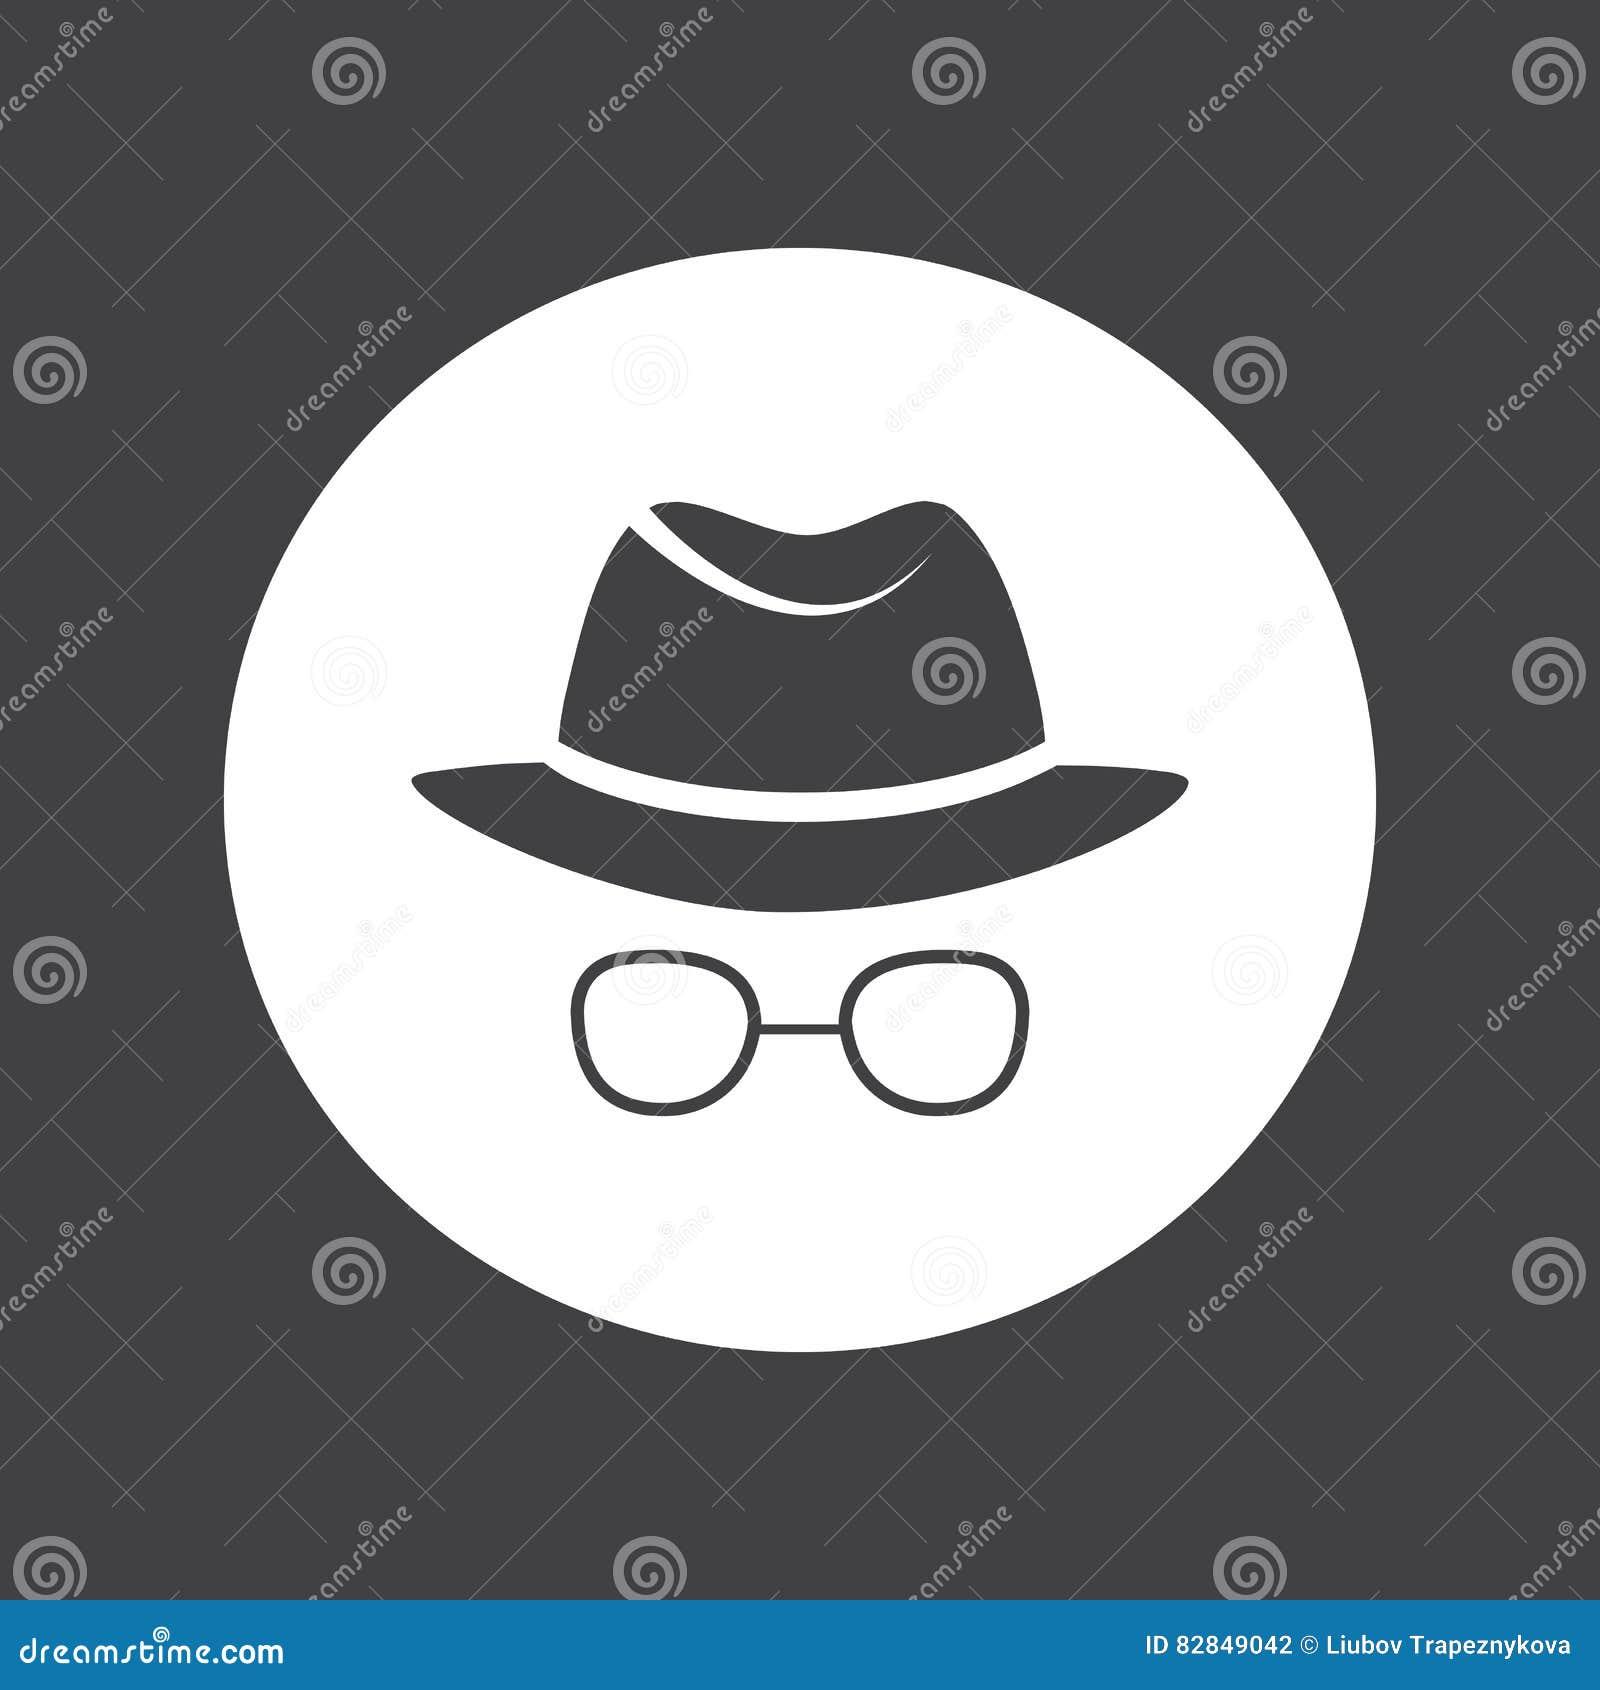 человек в шляпе и стеклах сыщик шпионка